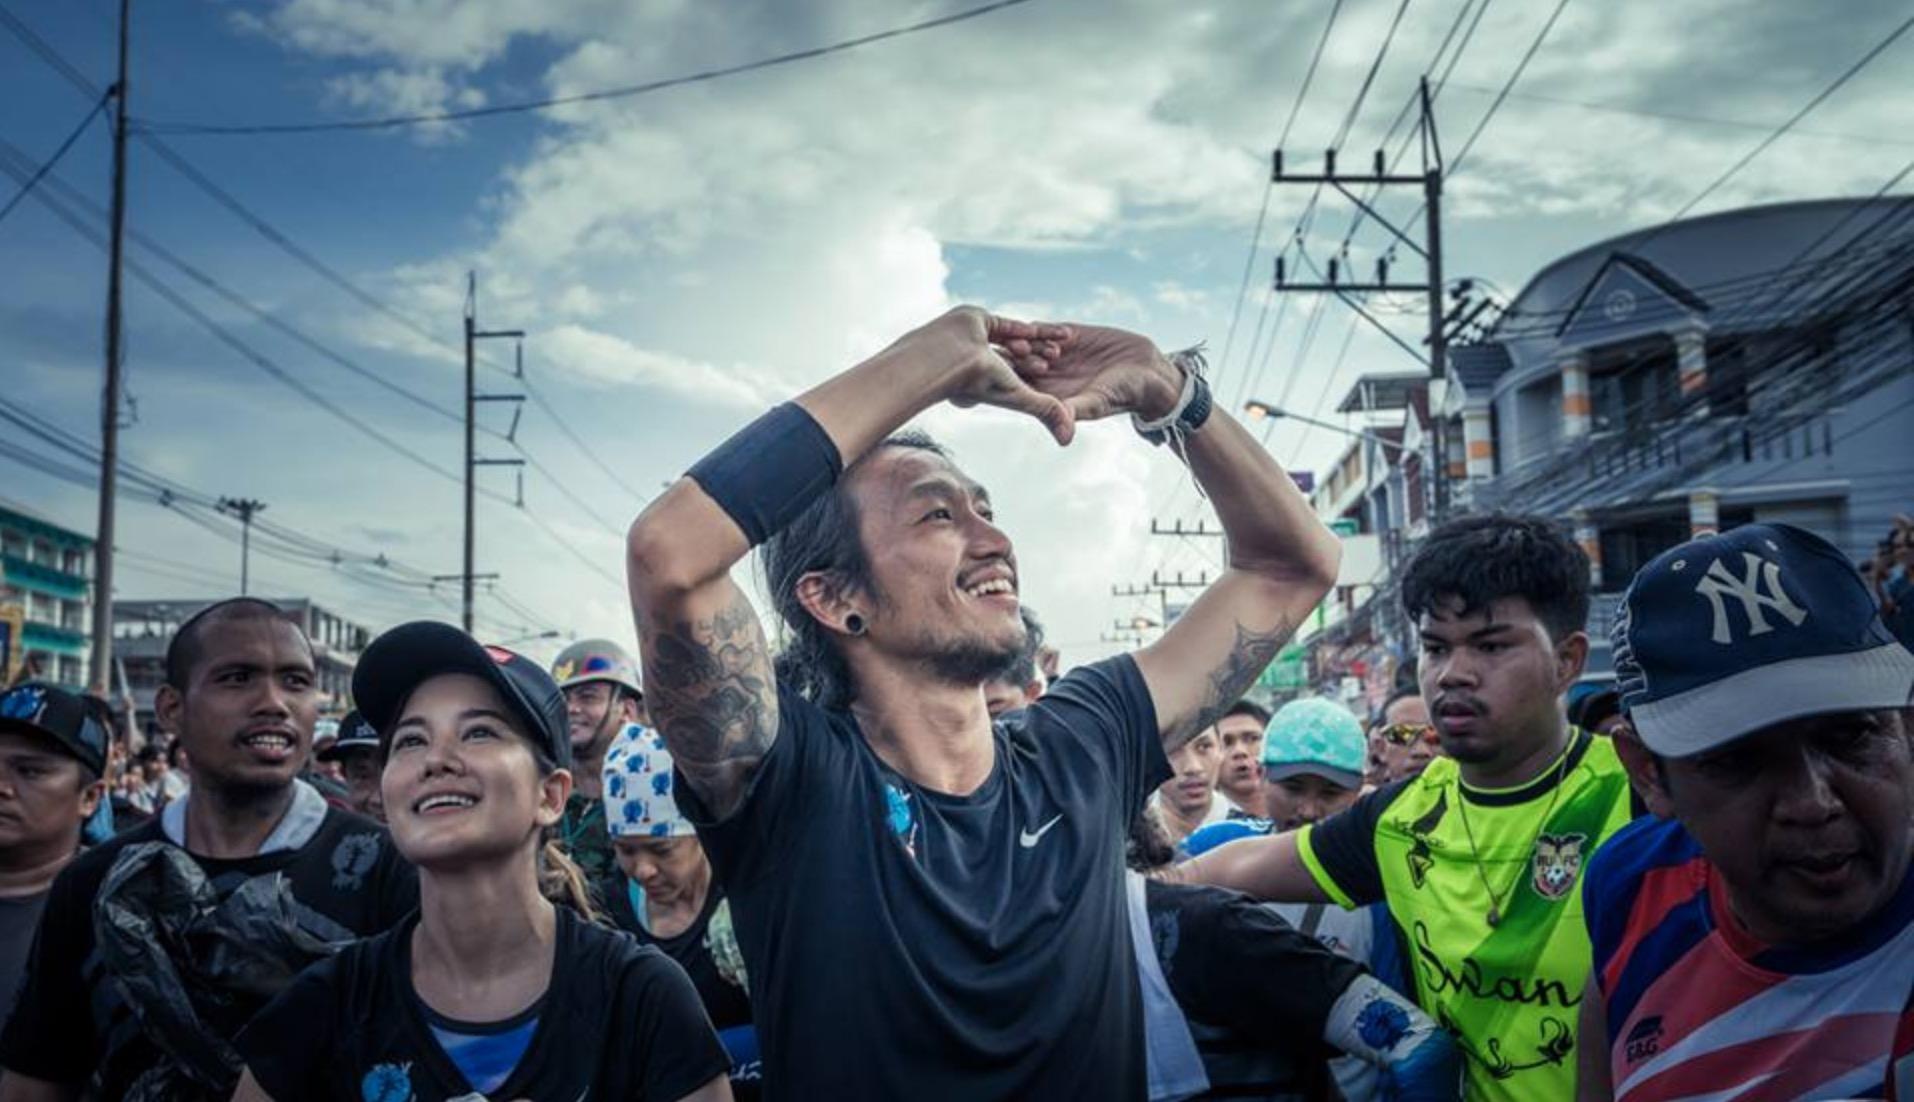 超燃!55天、2215公里、募捐超4600万美金!跑步:不止终点